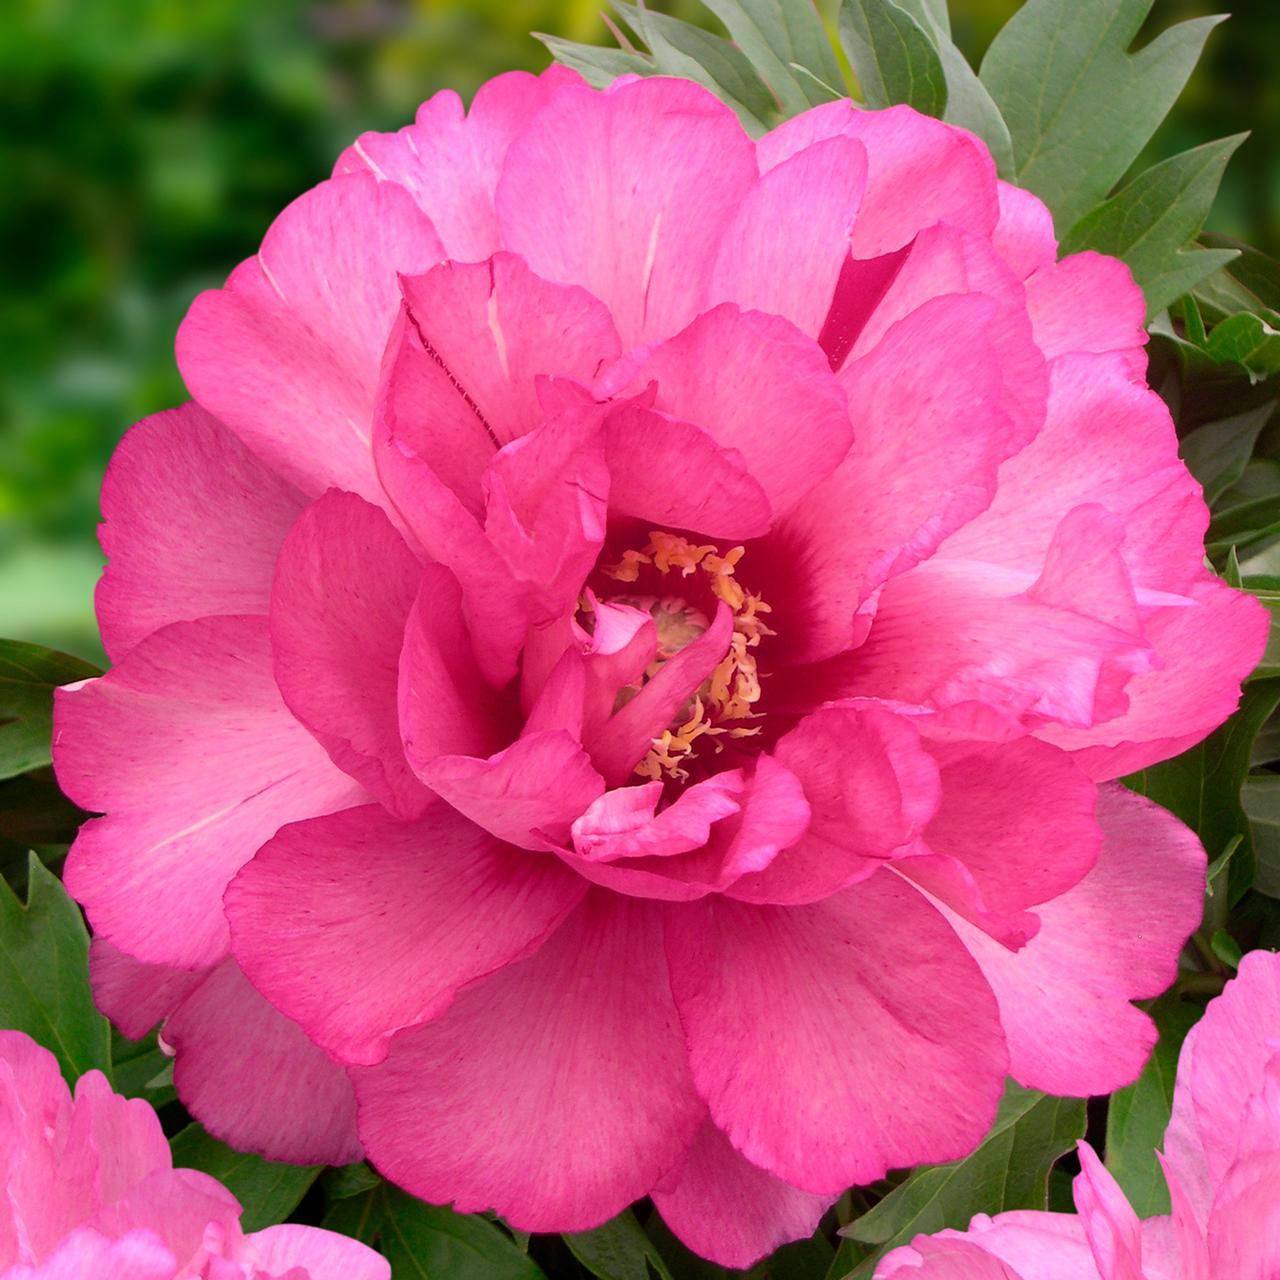 Paeonia itoh 'Julia Rose' plant